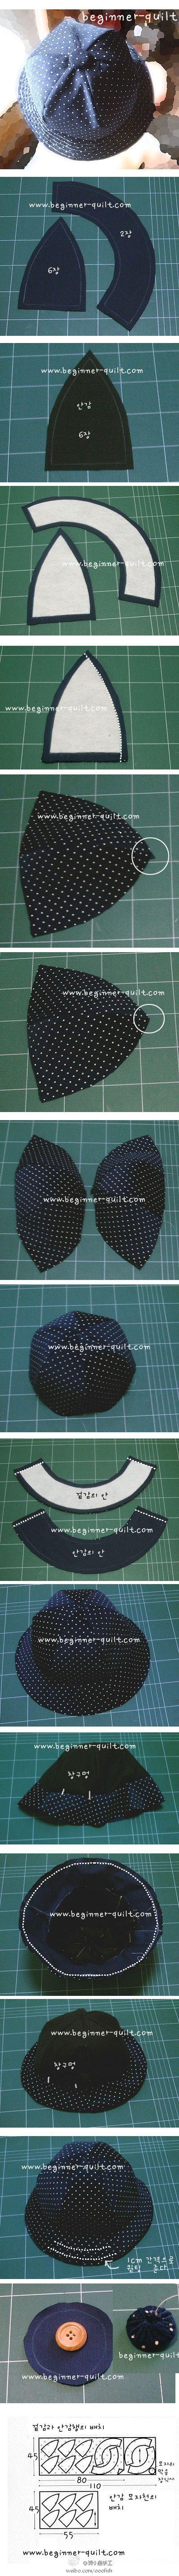 Como hacer sombrero redondo paso a paso